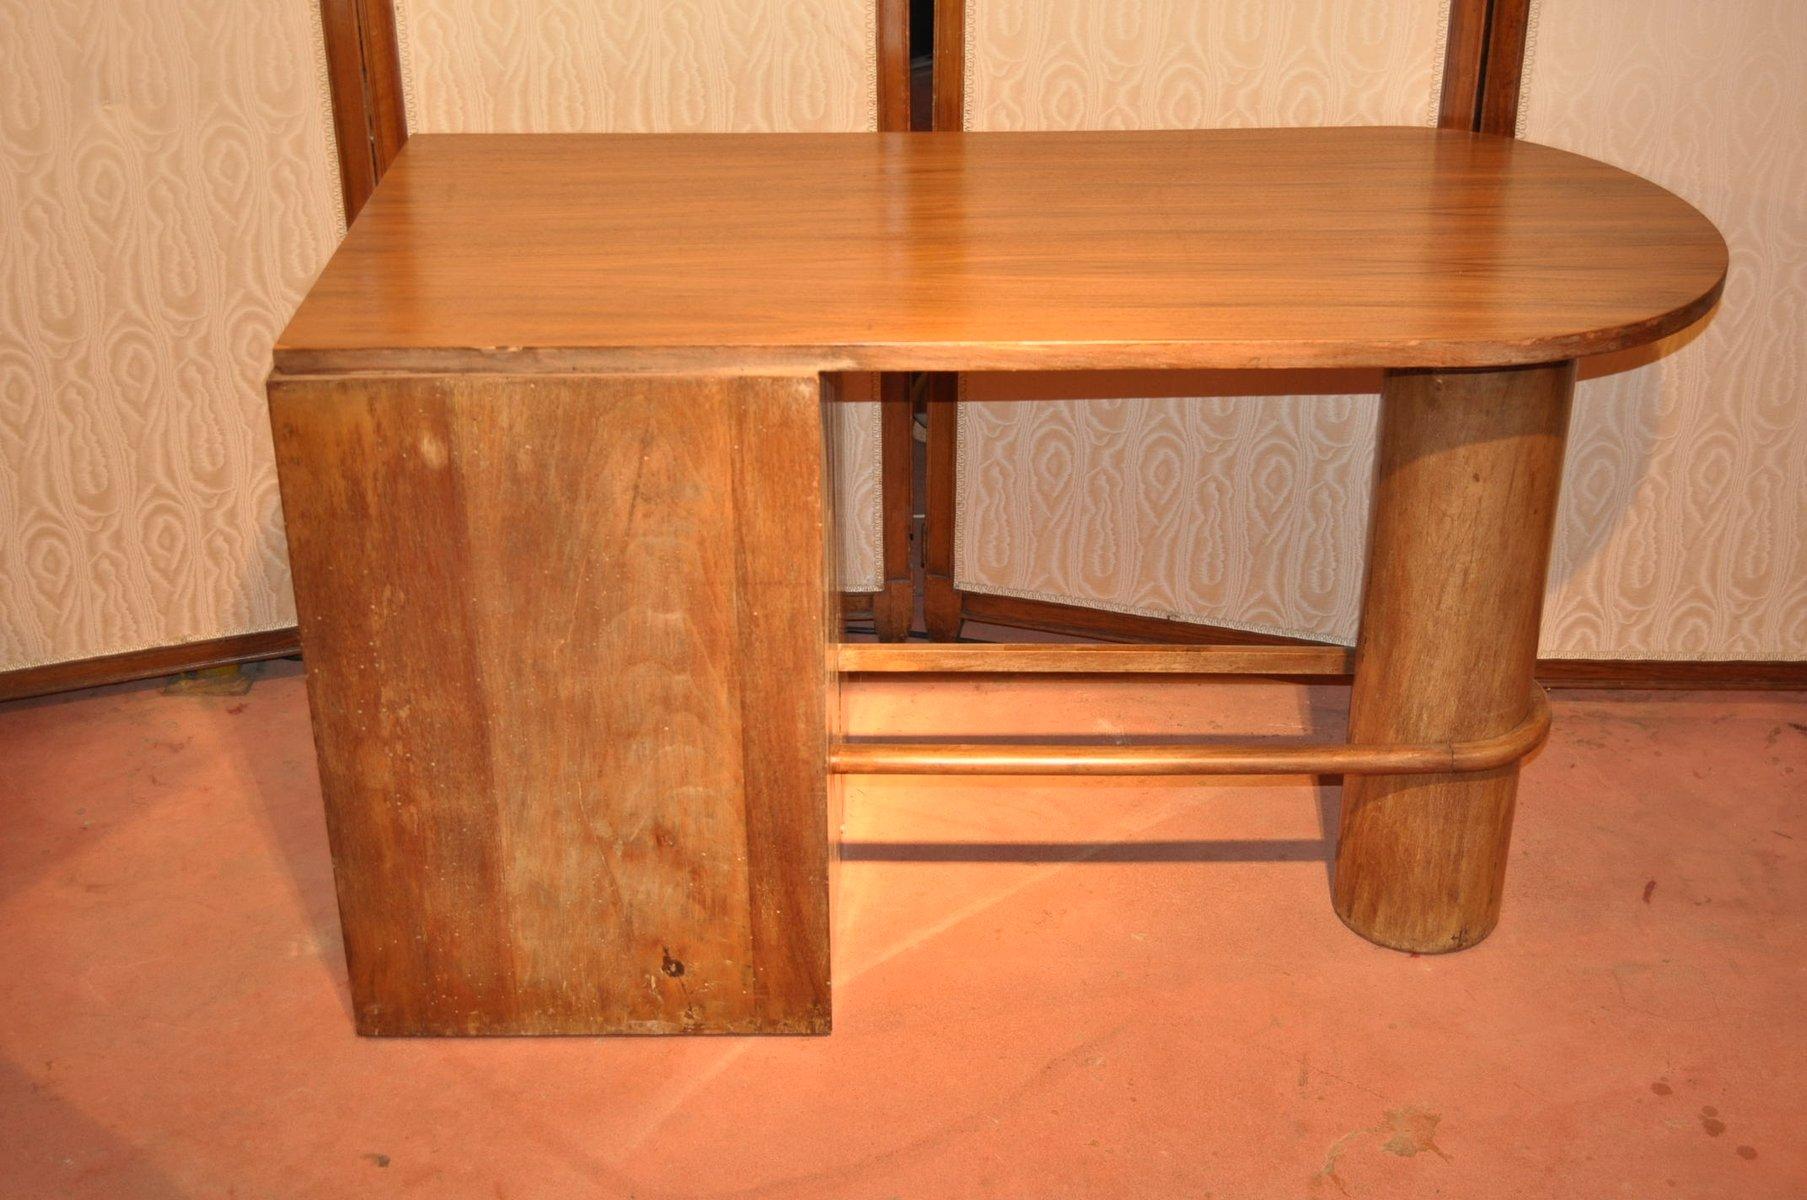 franz sischer vintage walnuss schreibtisch bei pamono kaufen. Black Bedroom Furniture Sets. Home Design Ideas